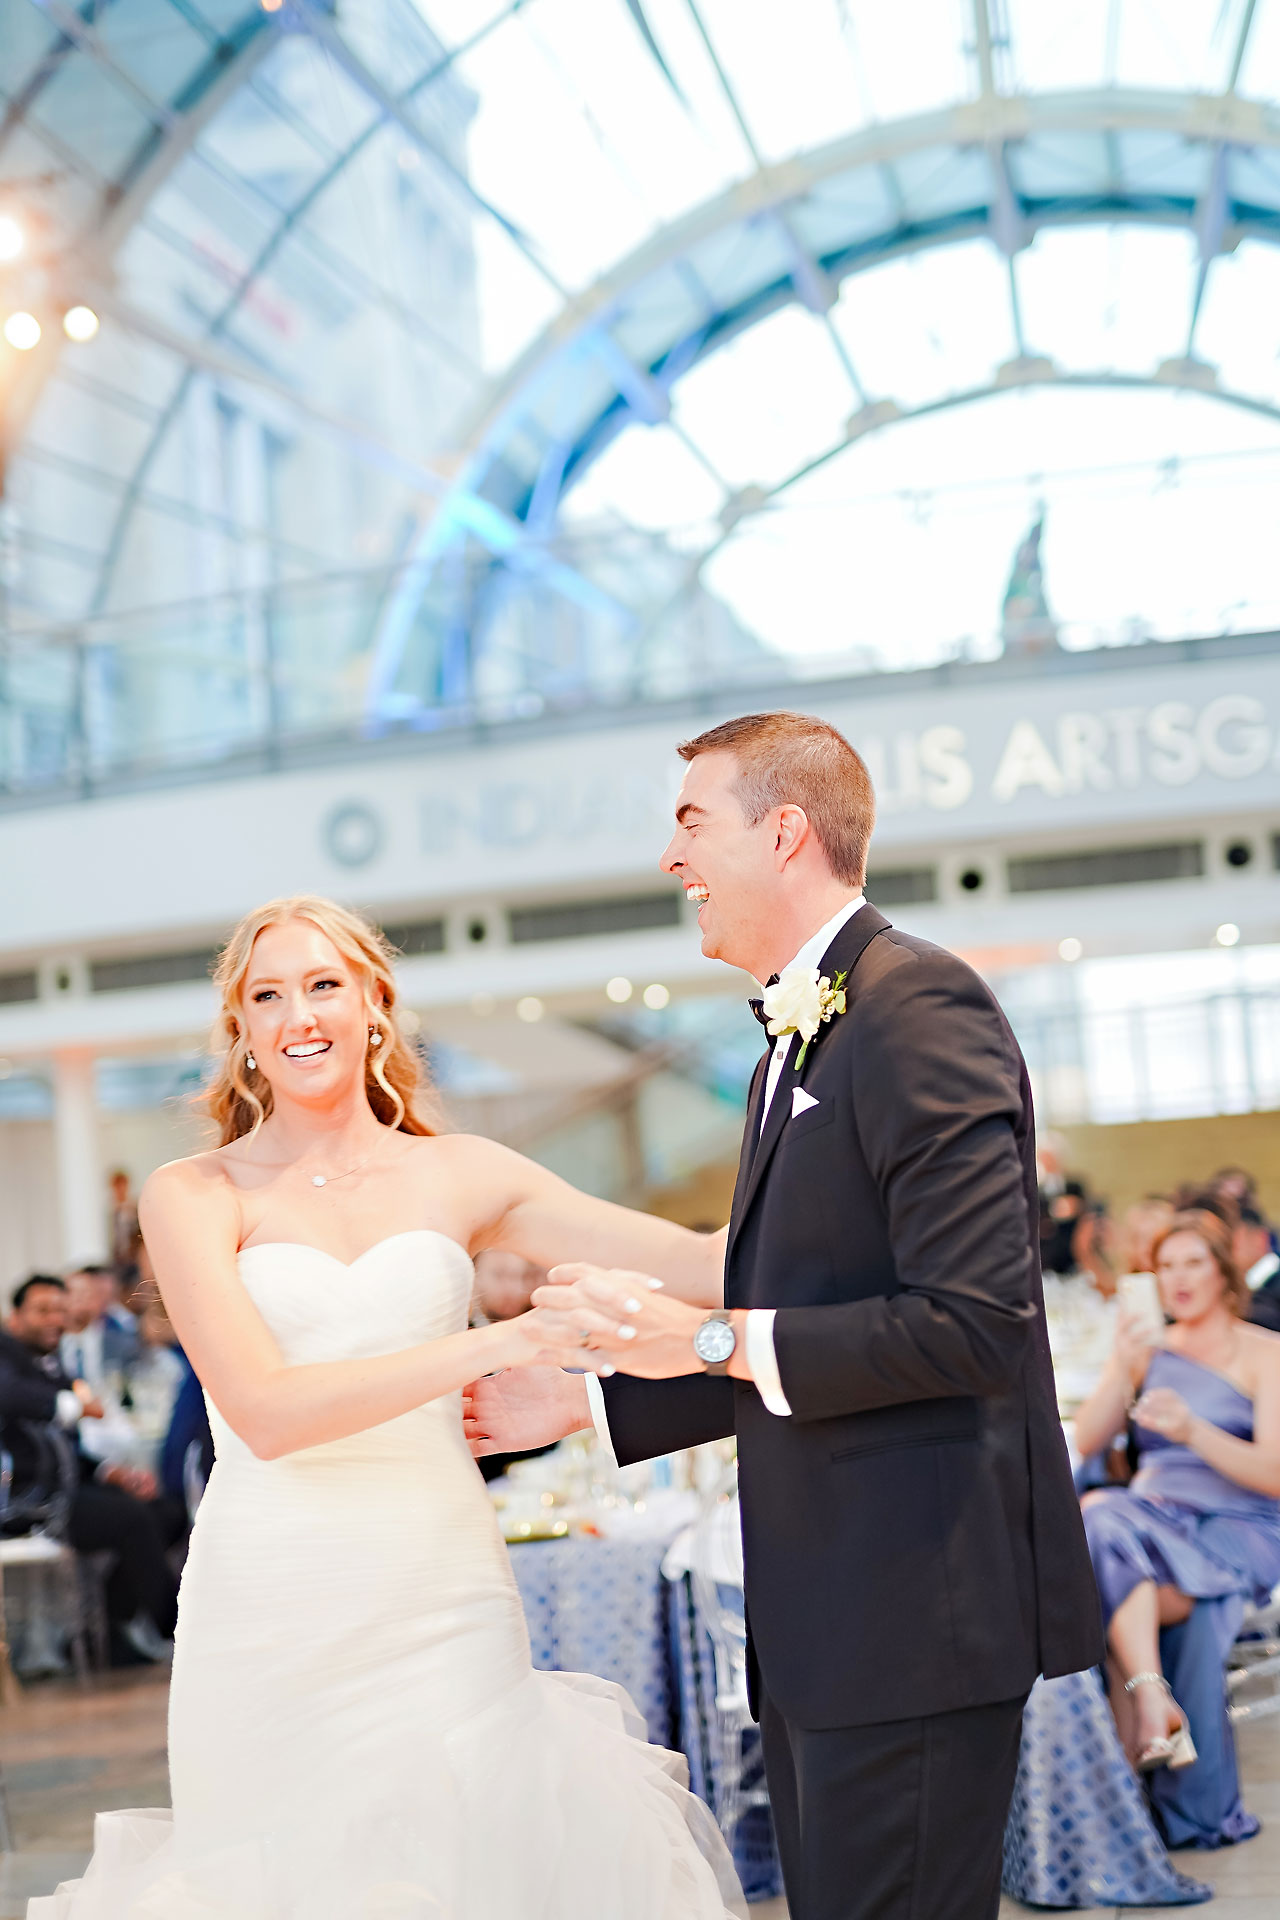 Liz Zach Conrad Artsgarden Indianapolis Wedding 260